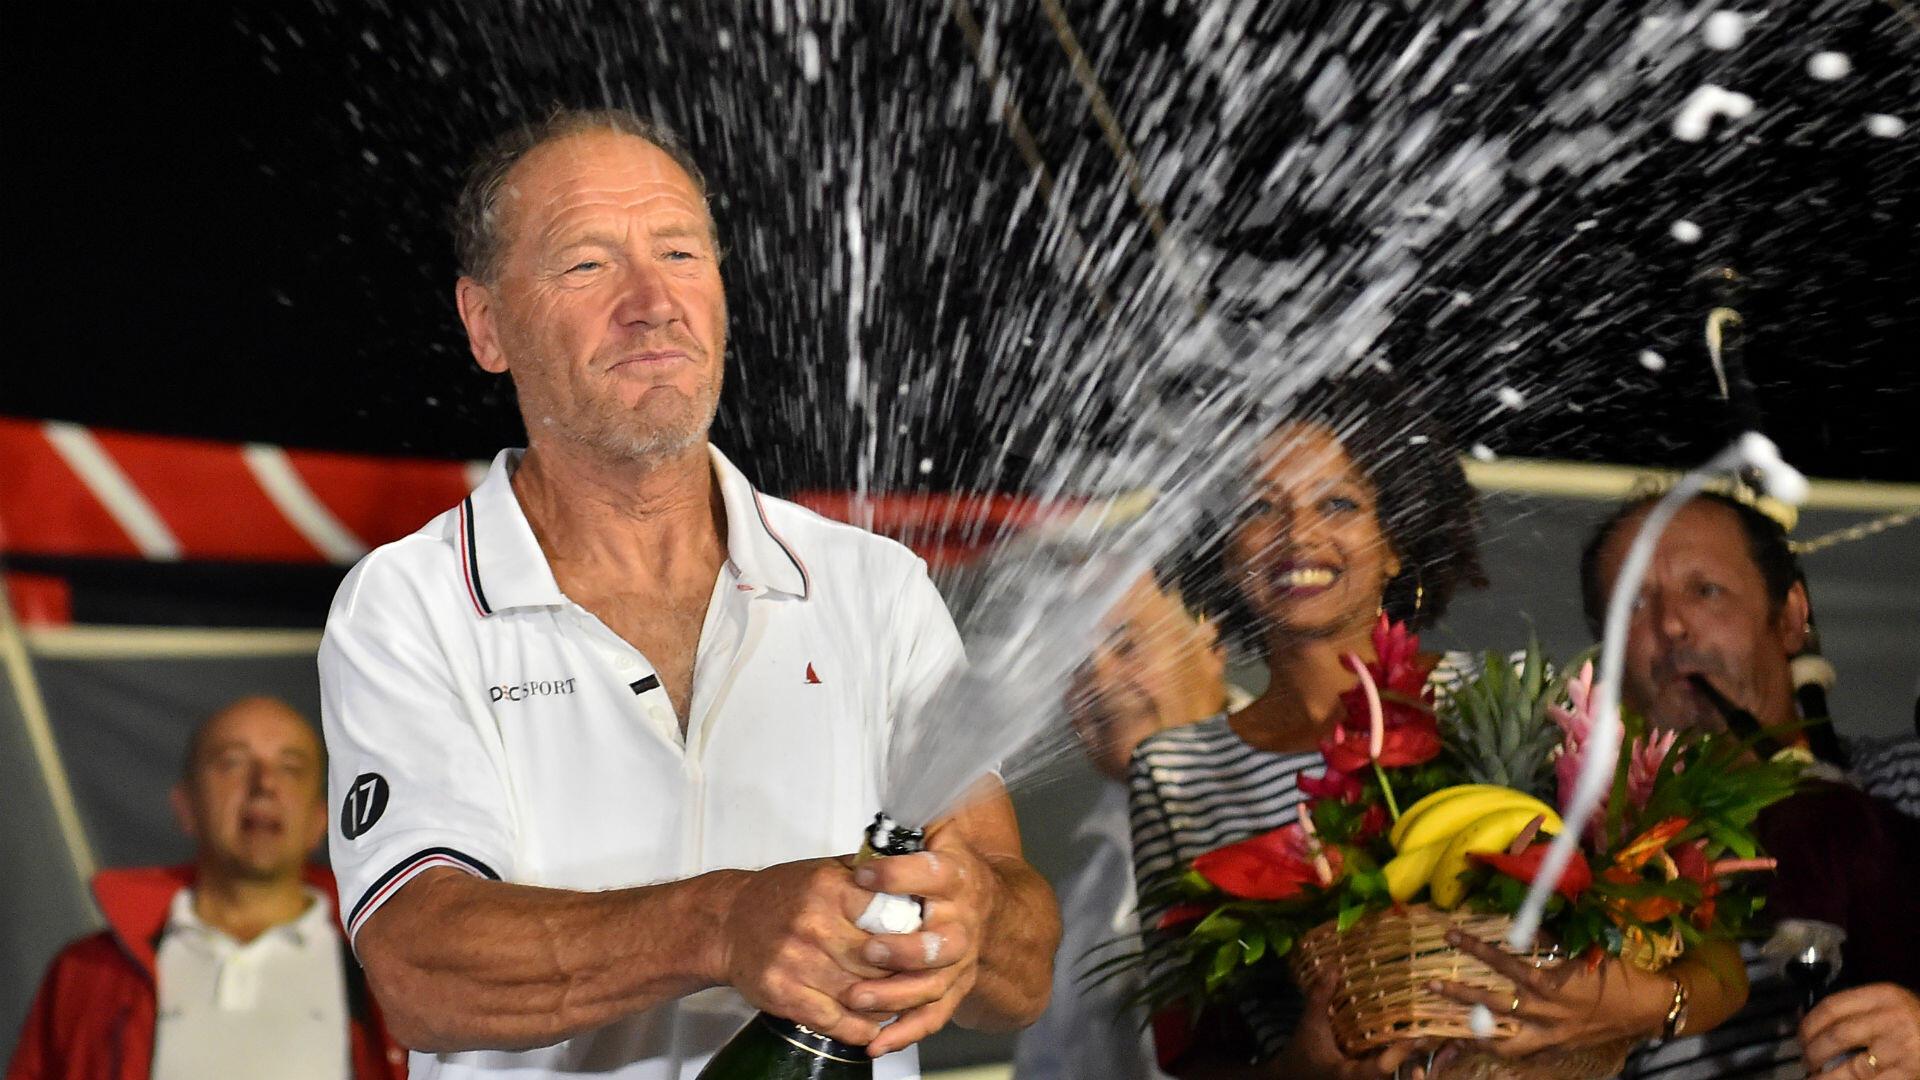 """Au terme d'un finish à couteaux tirés, François Gabart cède la tête de la Route du Rhum à son aîné Francis Joyon. À 62ans, et avec une marge d'à peine 7minutes, le """"Beauceron sur la mer"""" s'offre la plus belle victoire de sa longue carrière."""